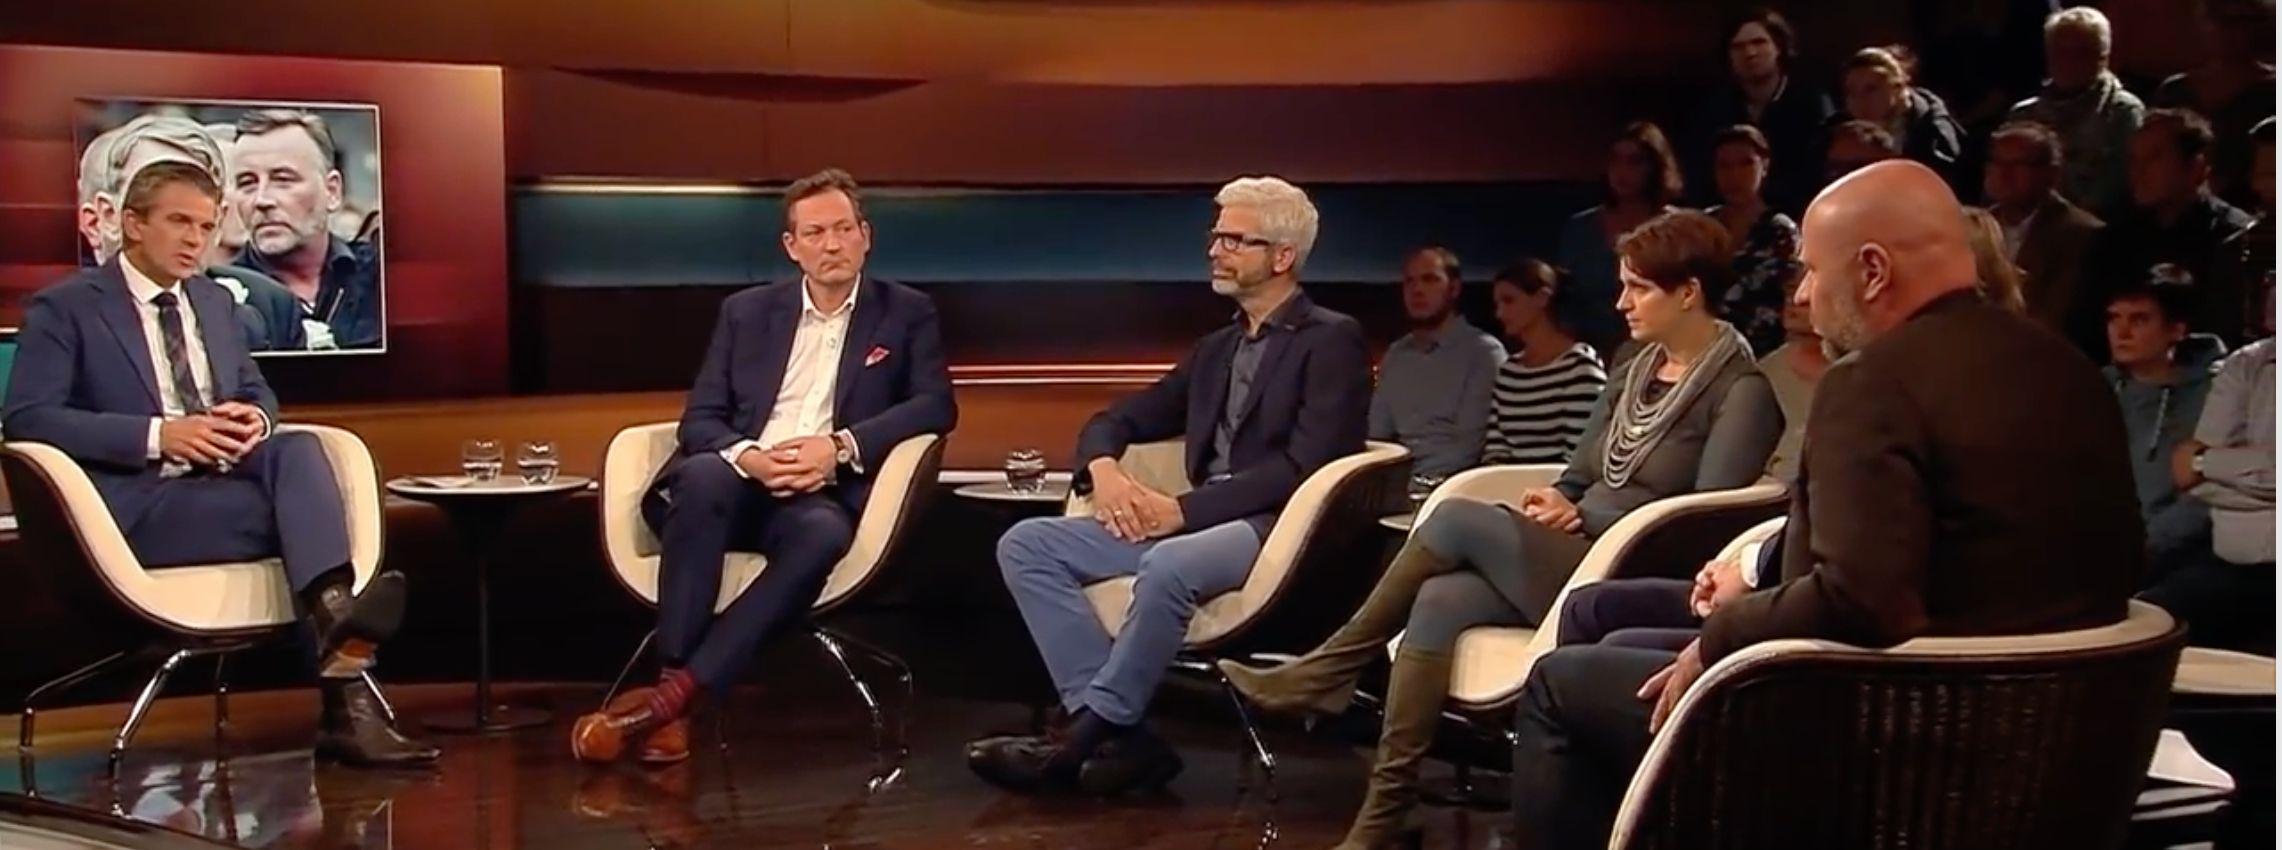 Sachsen: Journalist erzählt von fataler Nähe zwischen Polizei und